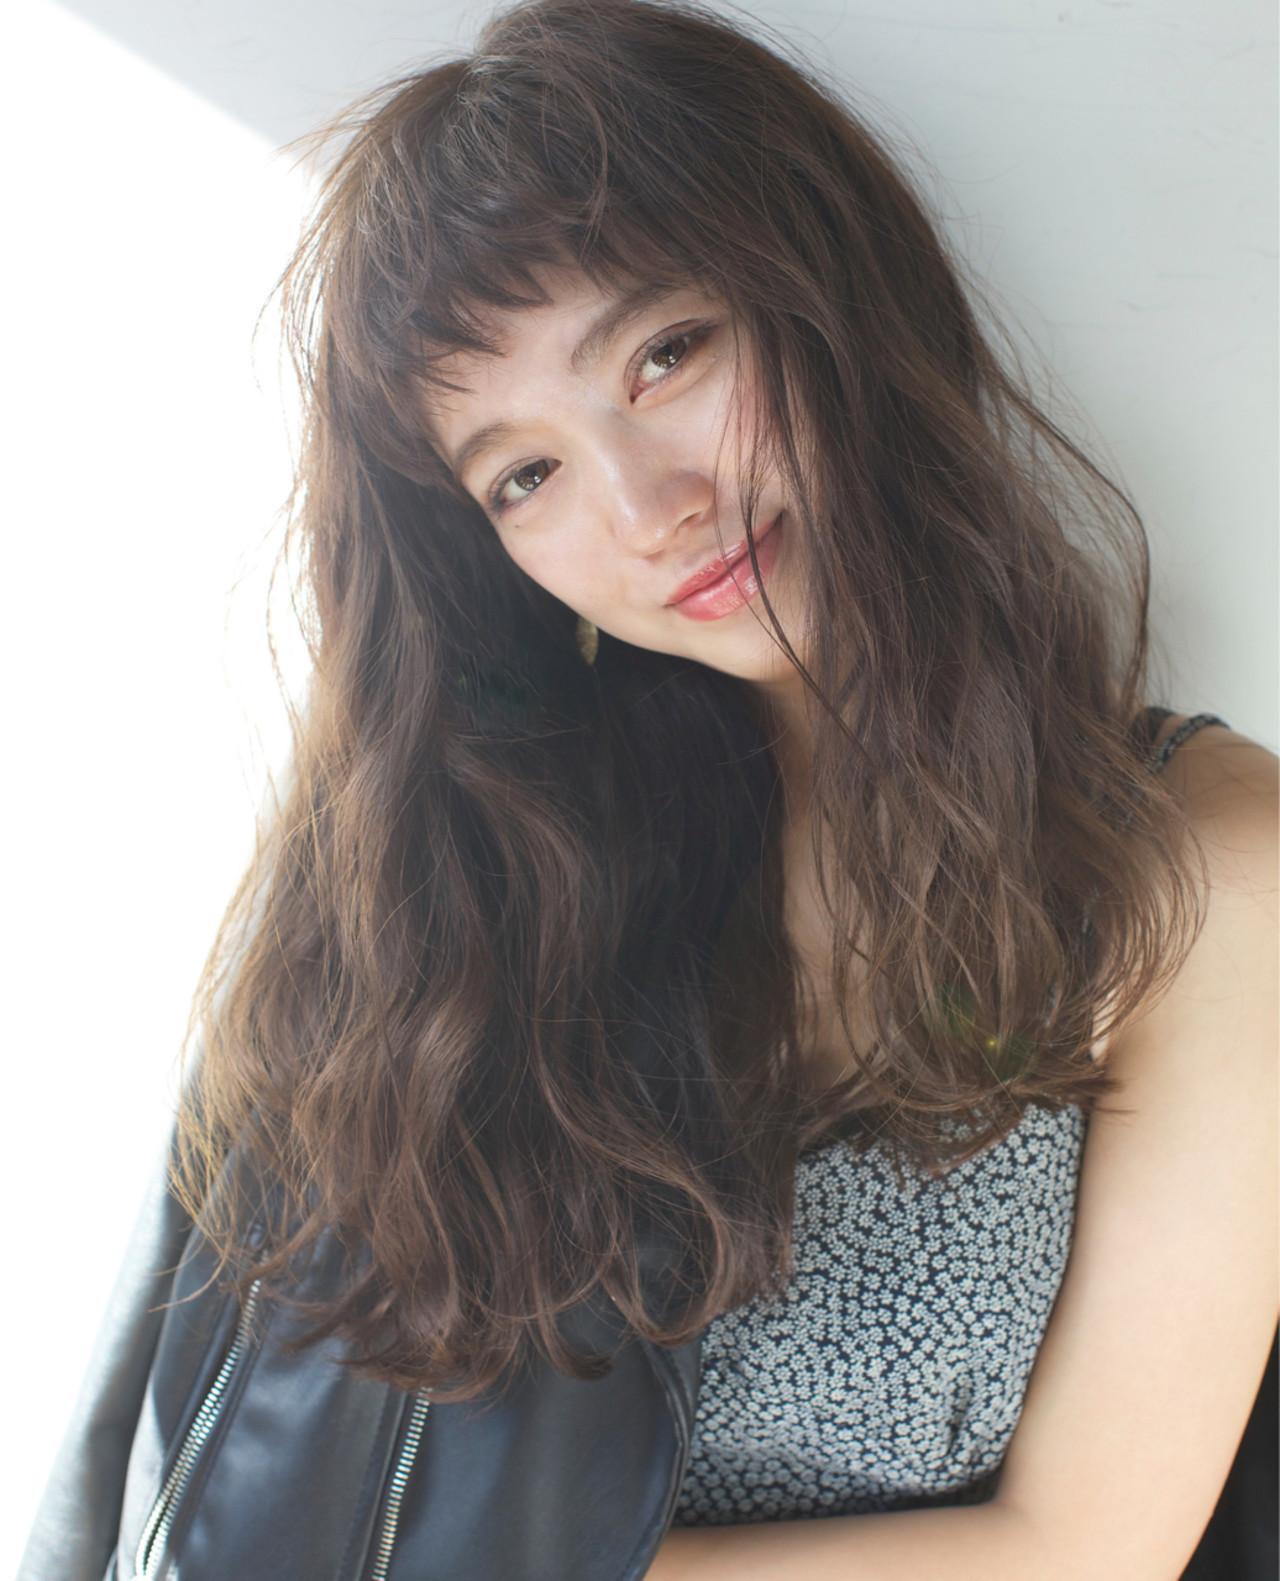 オン眉ヘアとは、その名のとおり「眉毛の上で前髪を切ったヘアスタイル」のことを指します。  オン眉ヘアでも、斜めに切ったスタイルや、眉上でまっすぐに切りそろえる